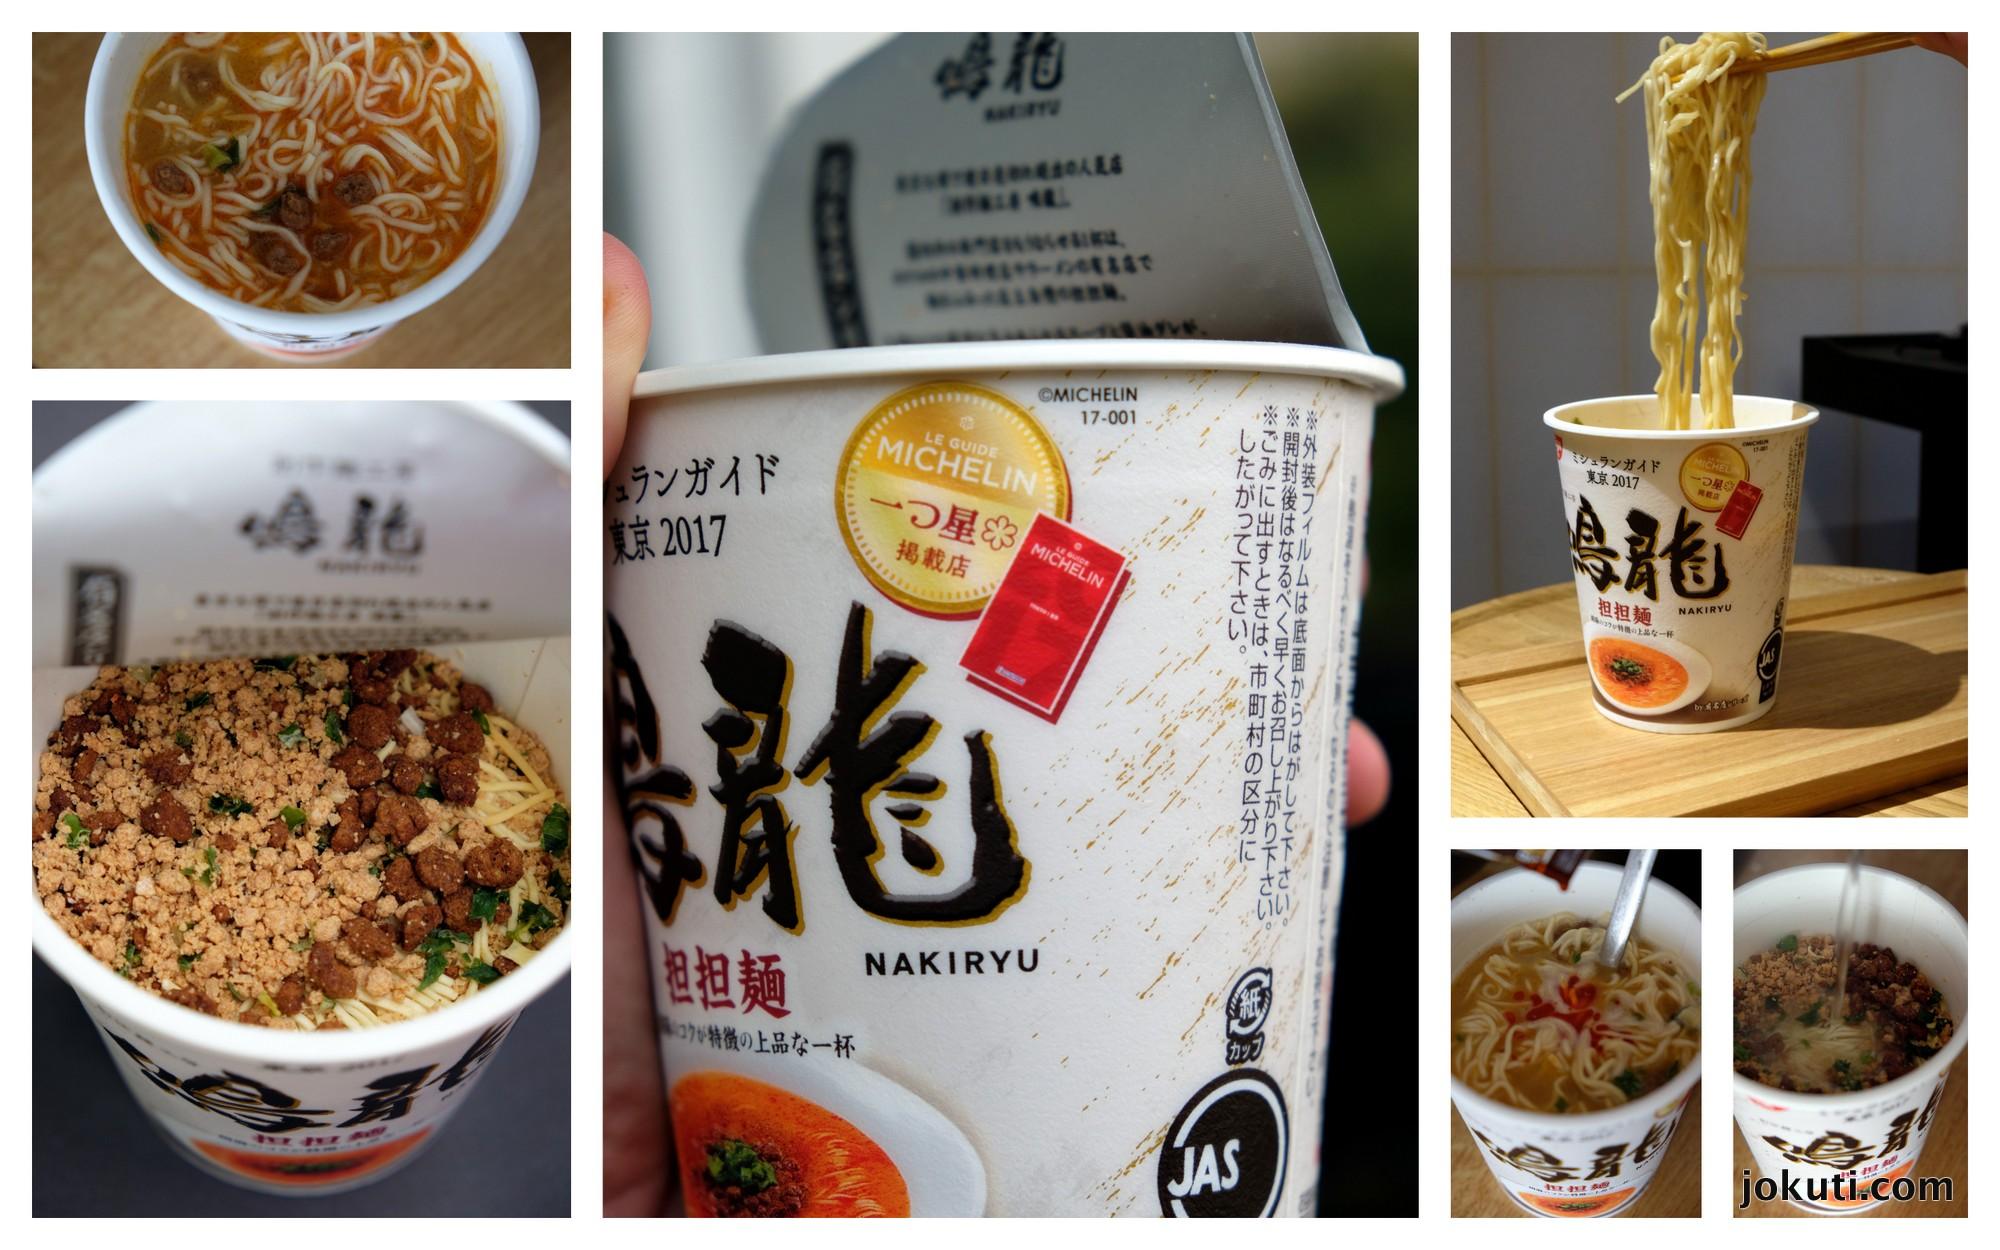 ramen_nakryu_michelin_star_tokyo_cup_noodles_nissin.jpg